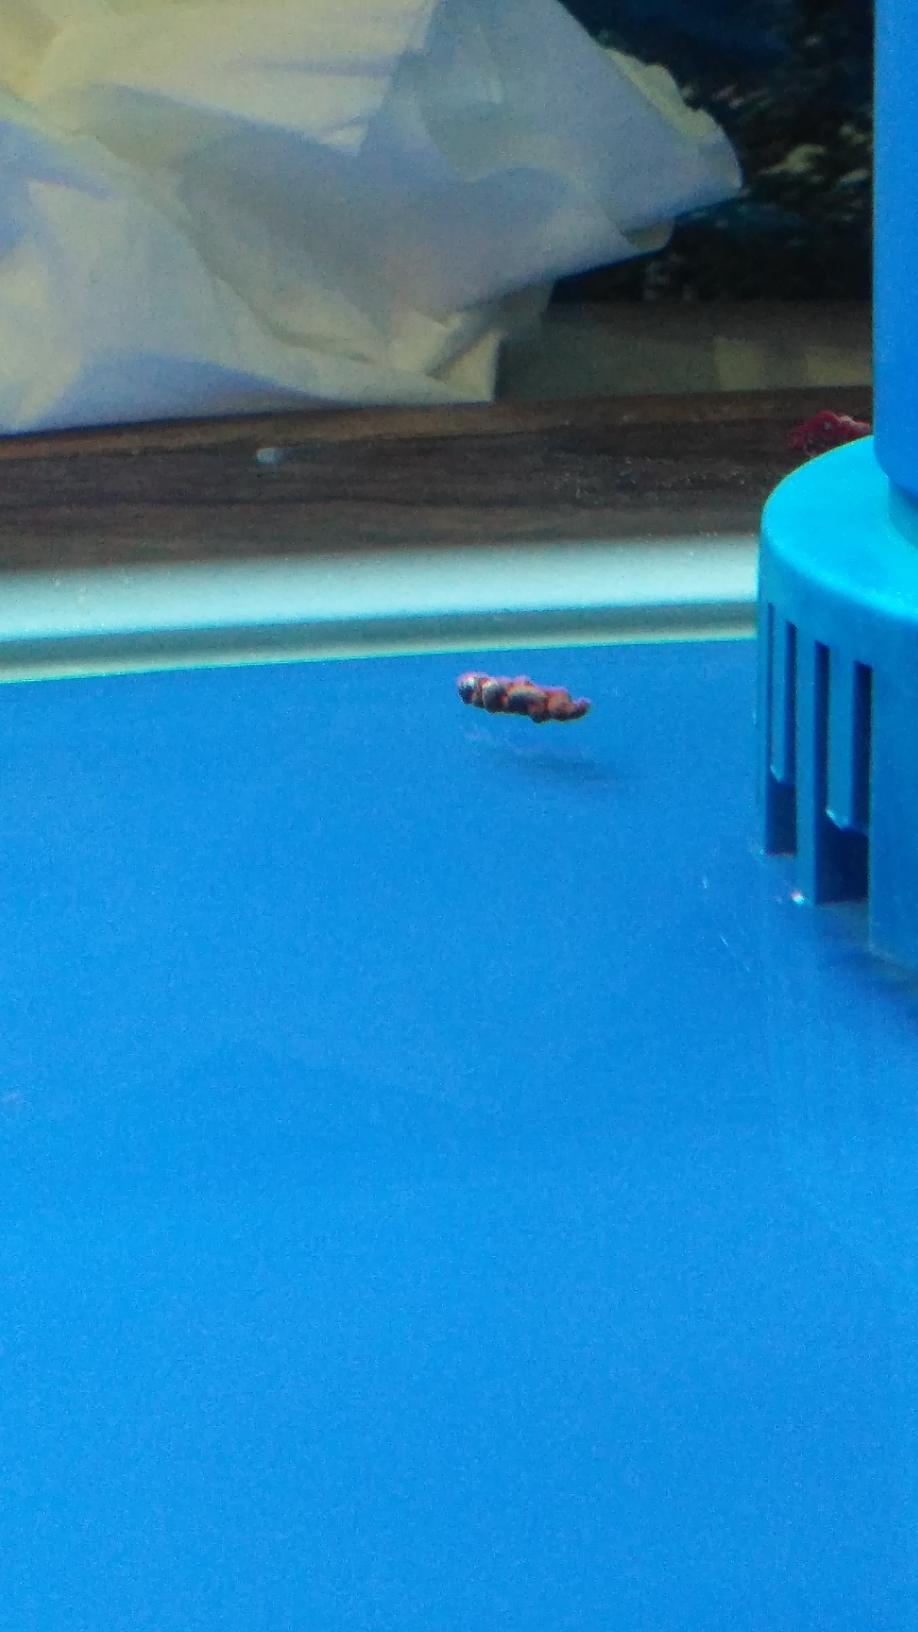 检疫后清洗过滤 西安观赏鱼信息 西安博特第2张